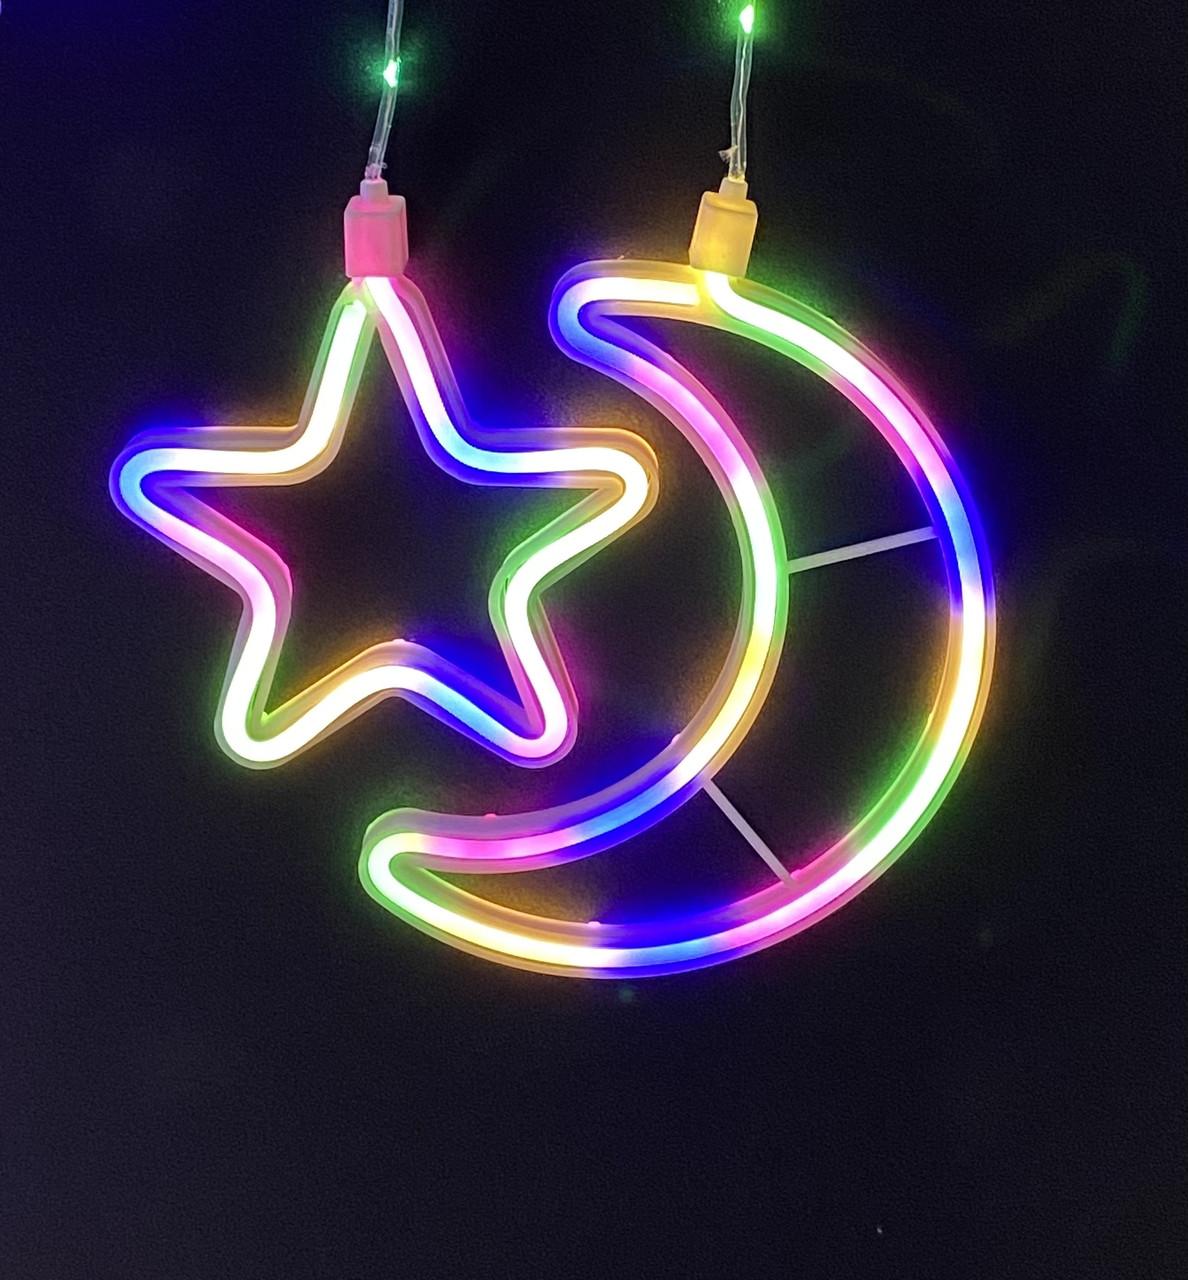 Светодиодная гирлянда Штора Звезда и Луна RGB для украшения любого пространства